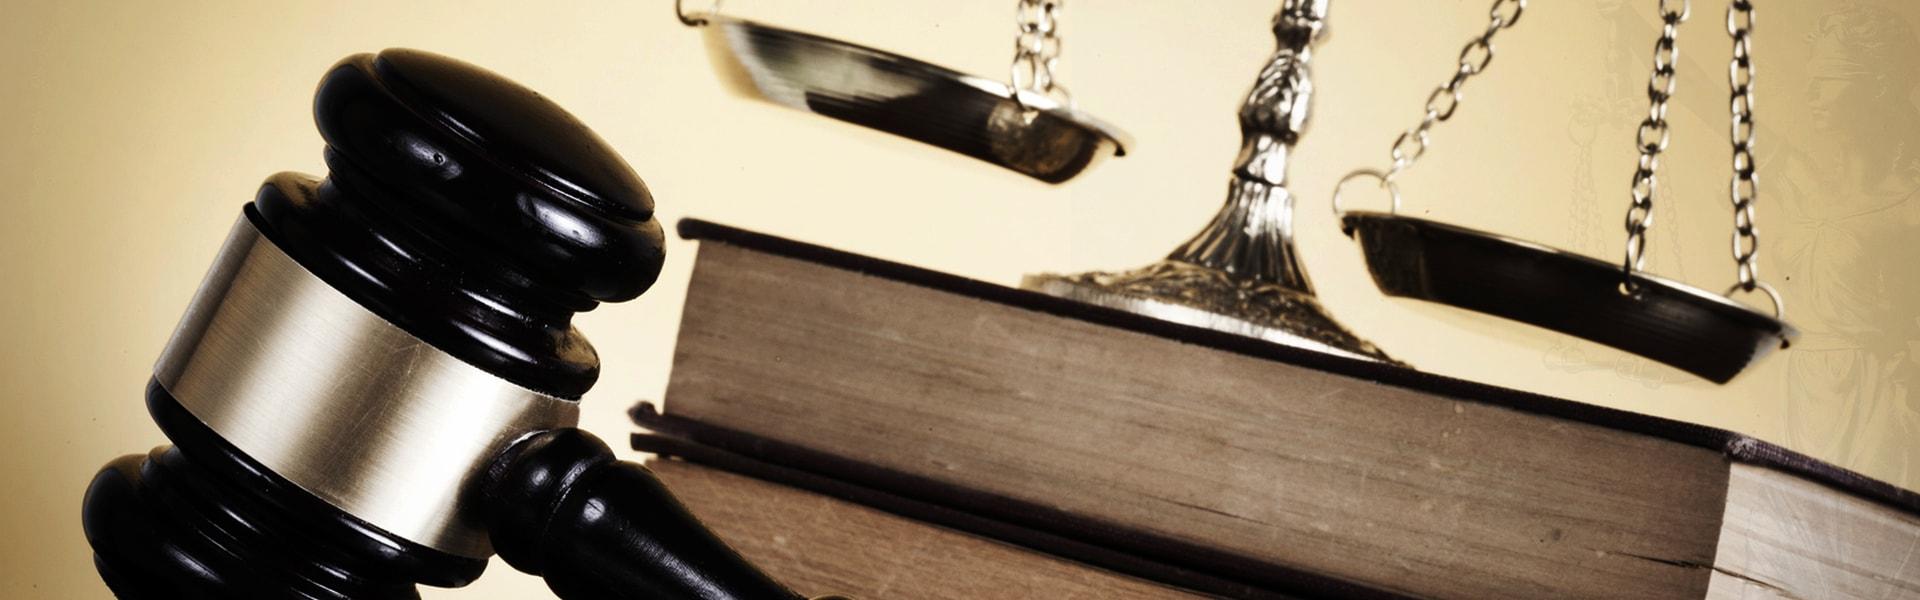 Oferujemy usługi w zakresie wielu gałęzi prawa